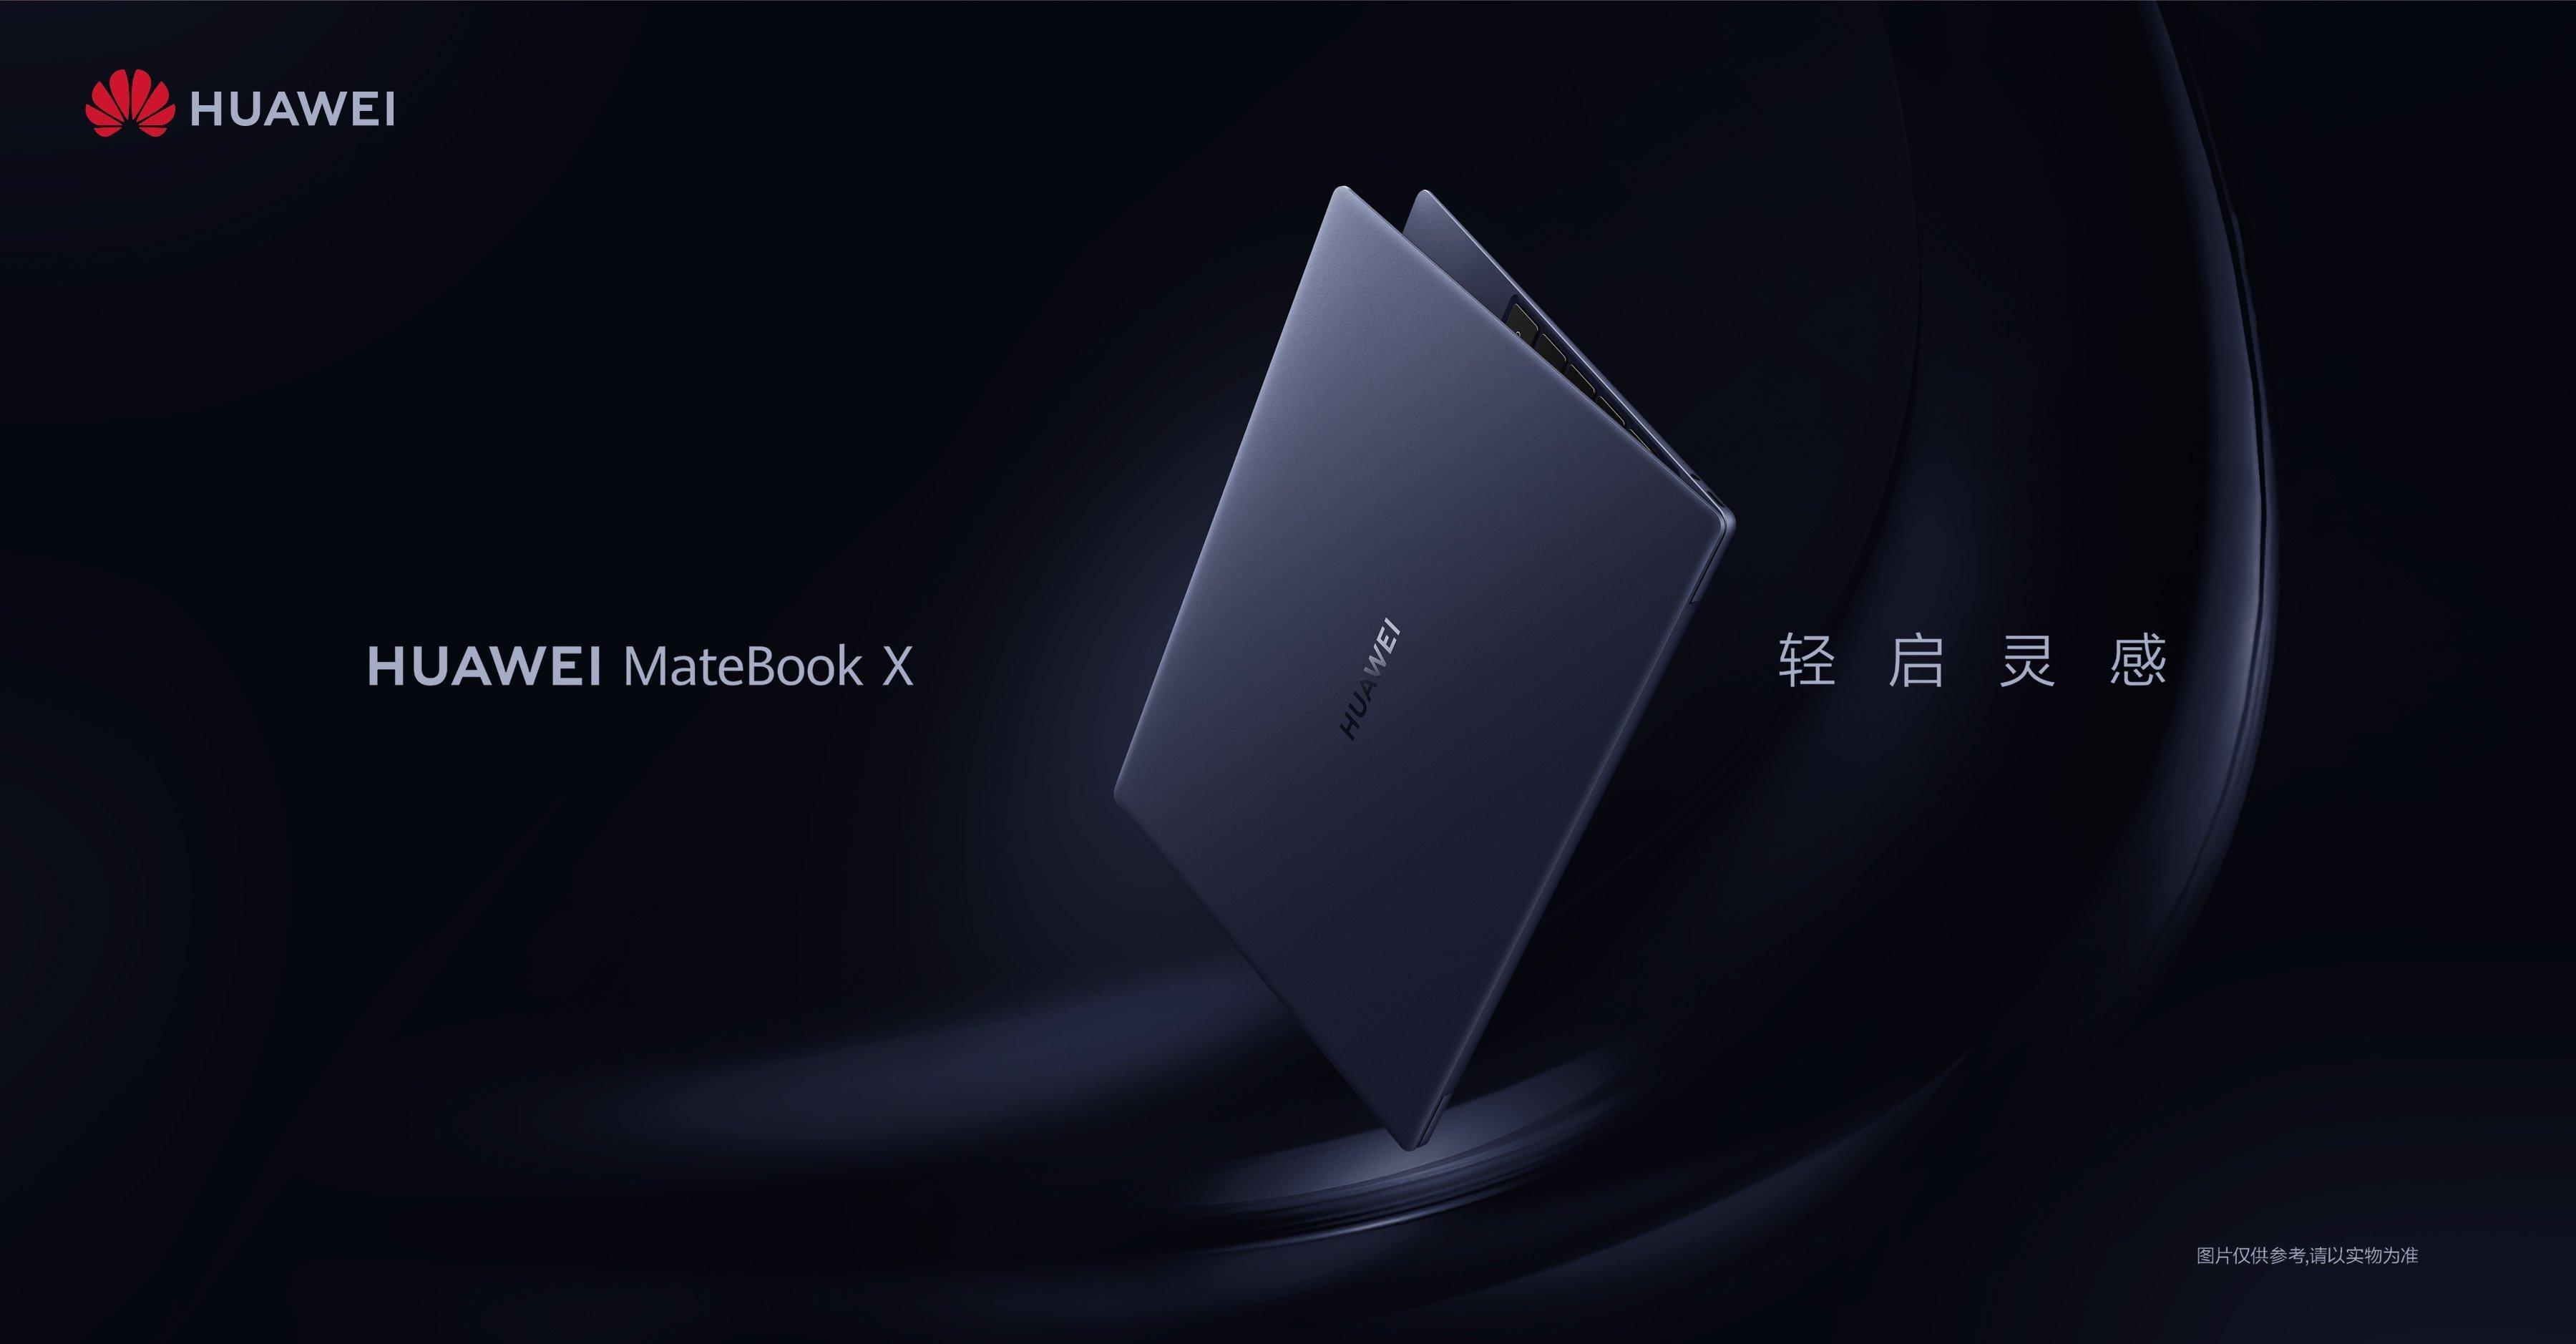 品牌笔记本电脑拍摄数码科技产品